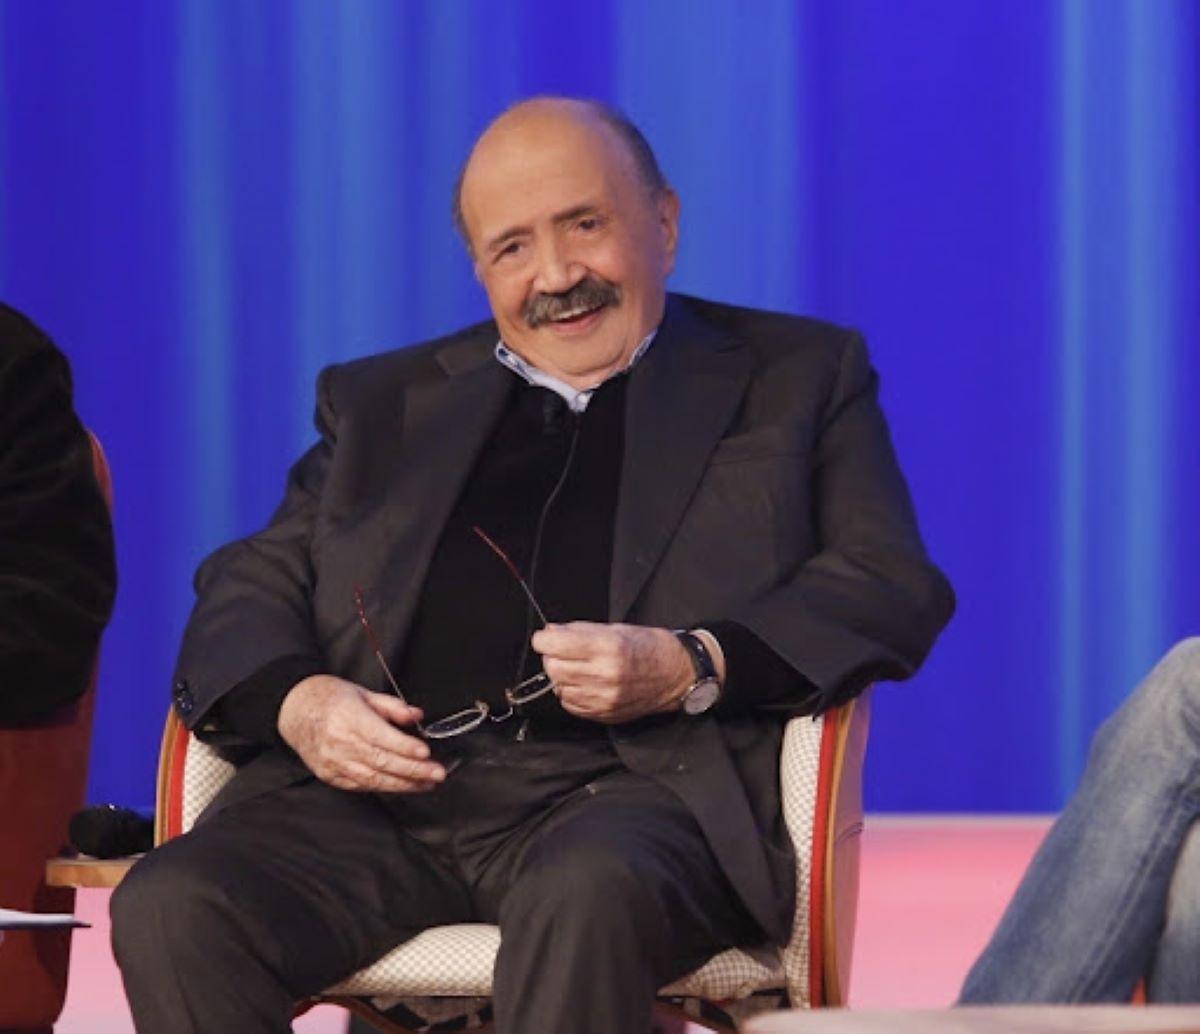 Maurizio Costanzo Novità Ritorno L'Intervista